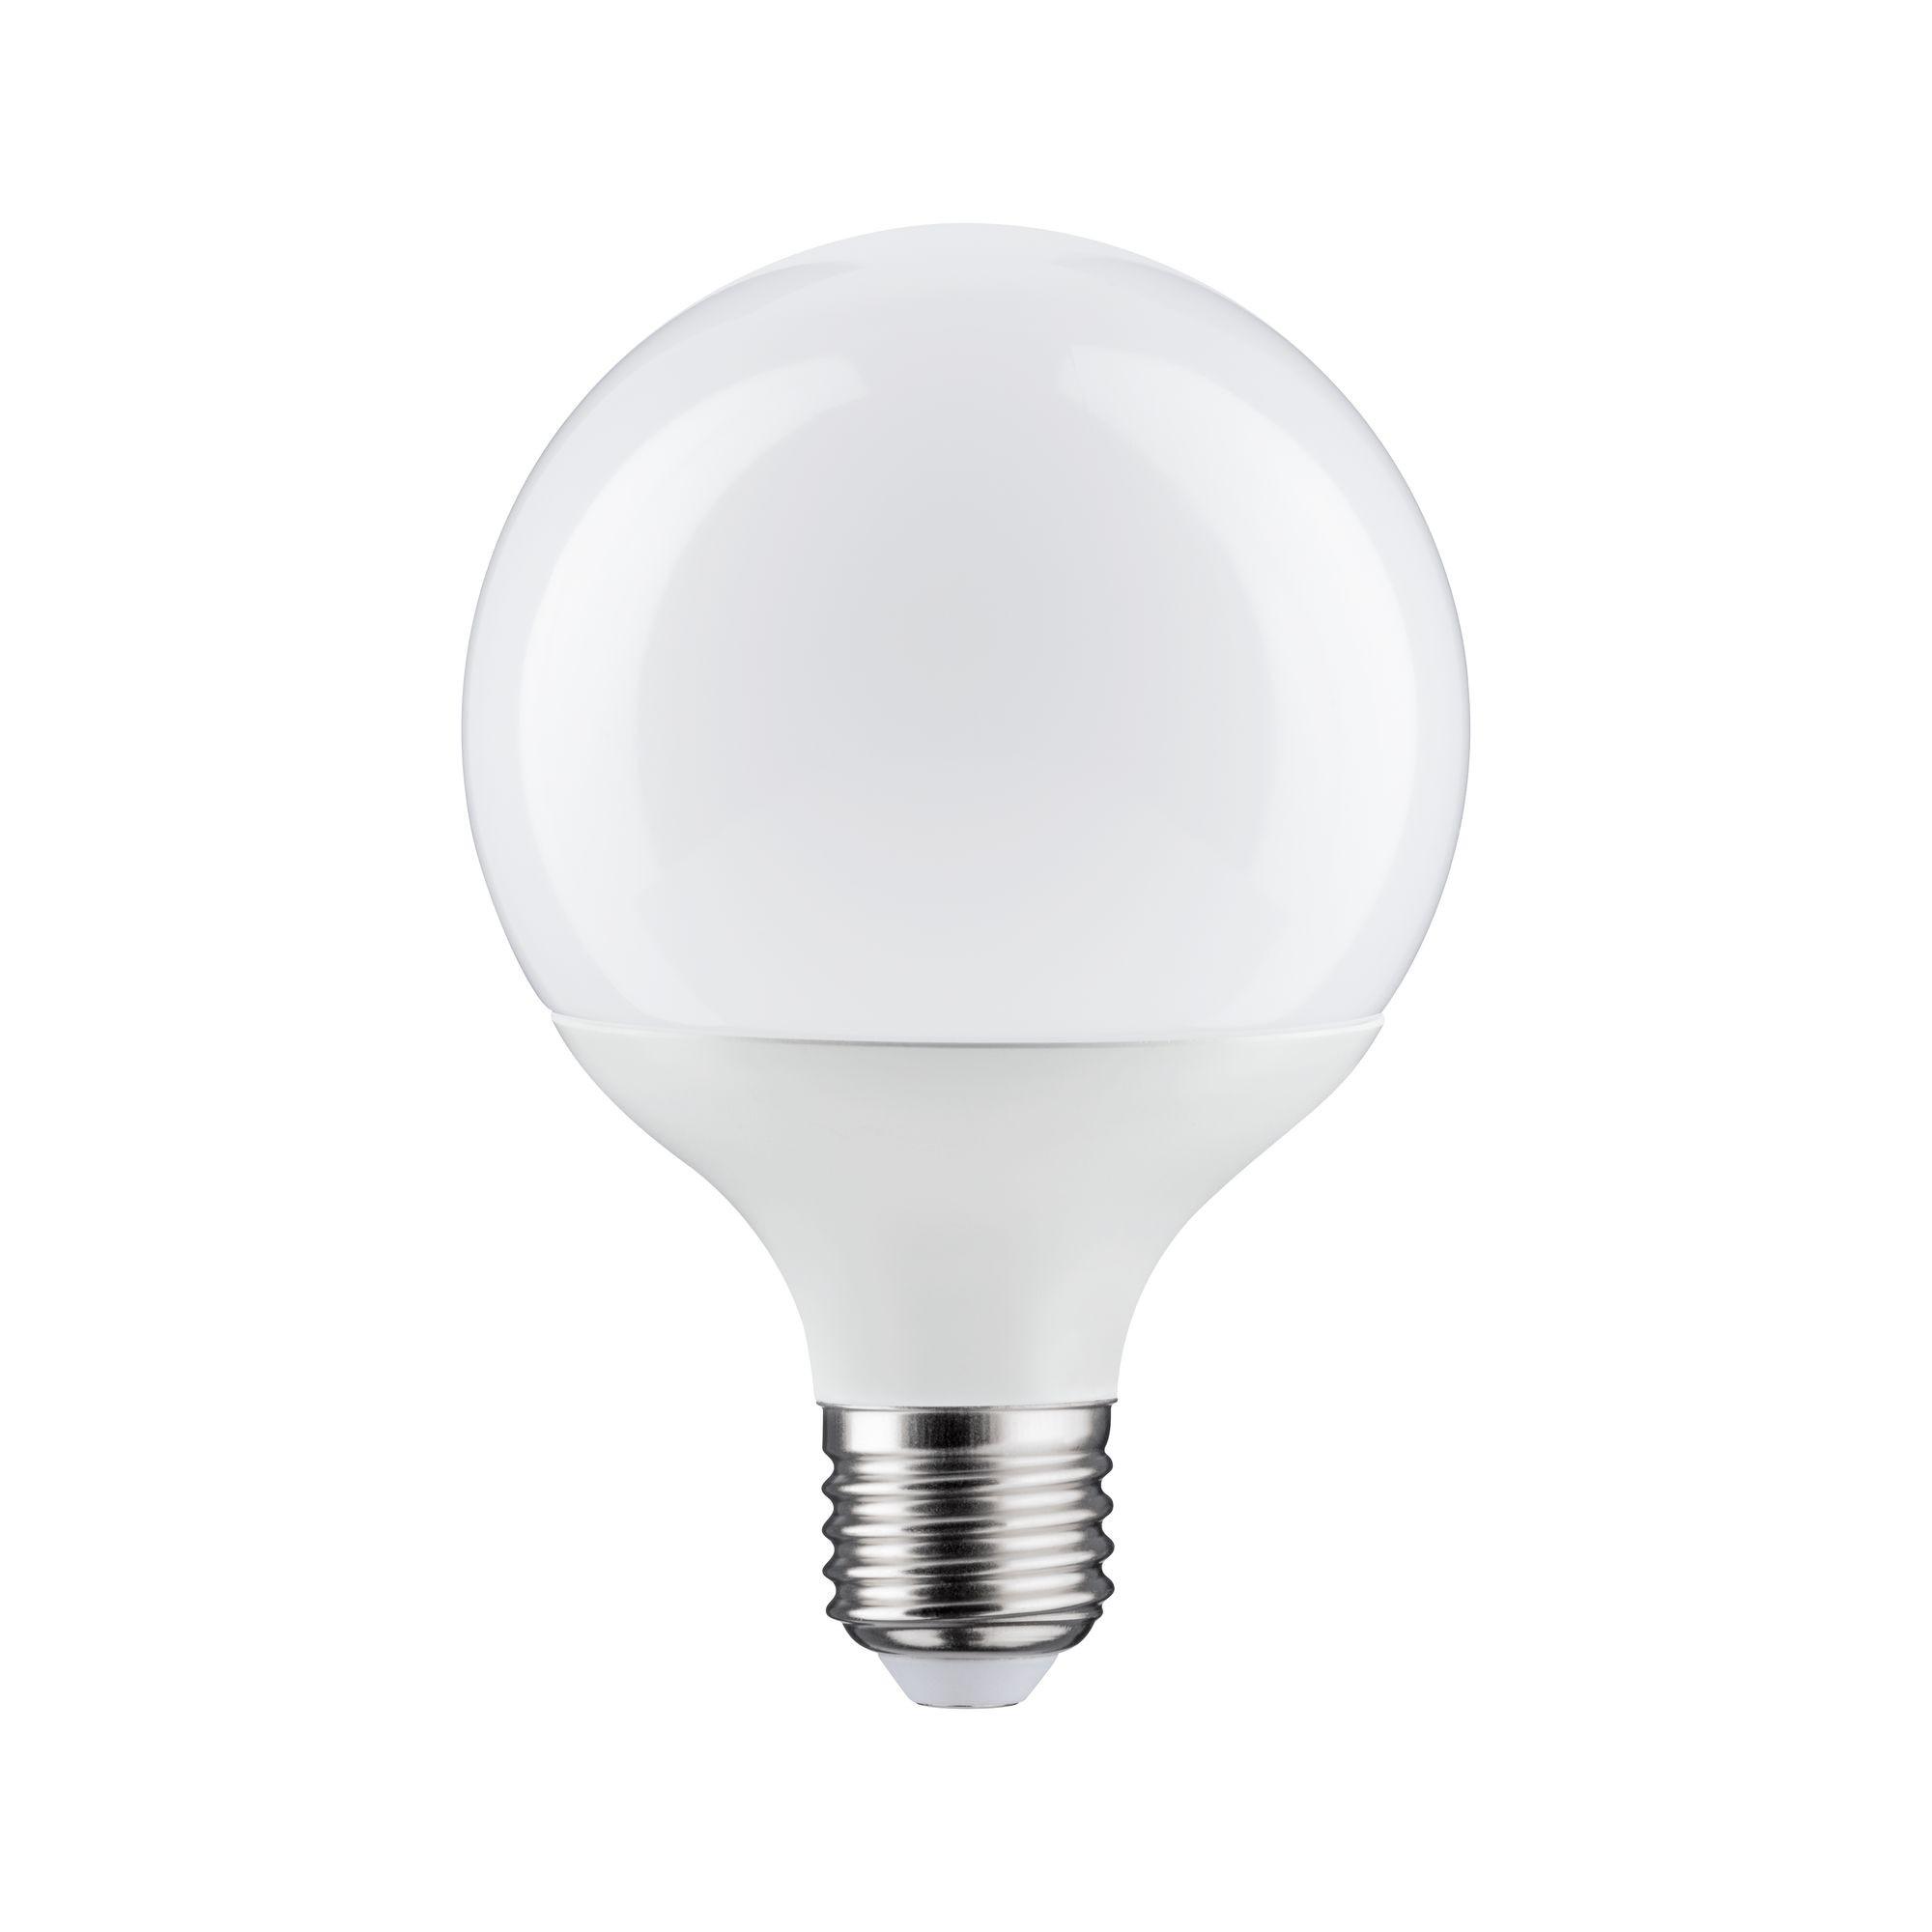 Лампа светодиодная Paulmann Шар G95 10Вт 1055лм 2700К Е27 230В Опал 28447.